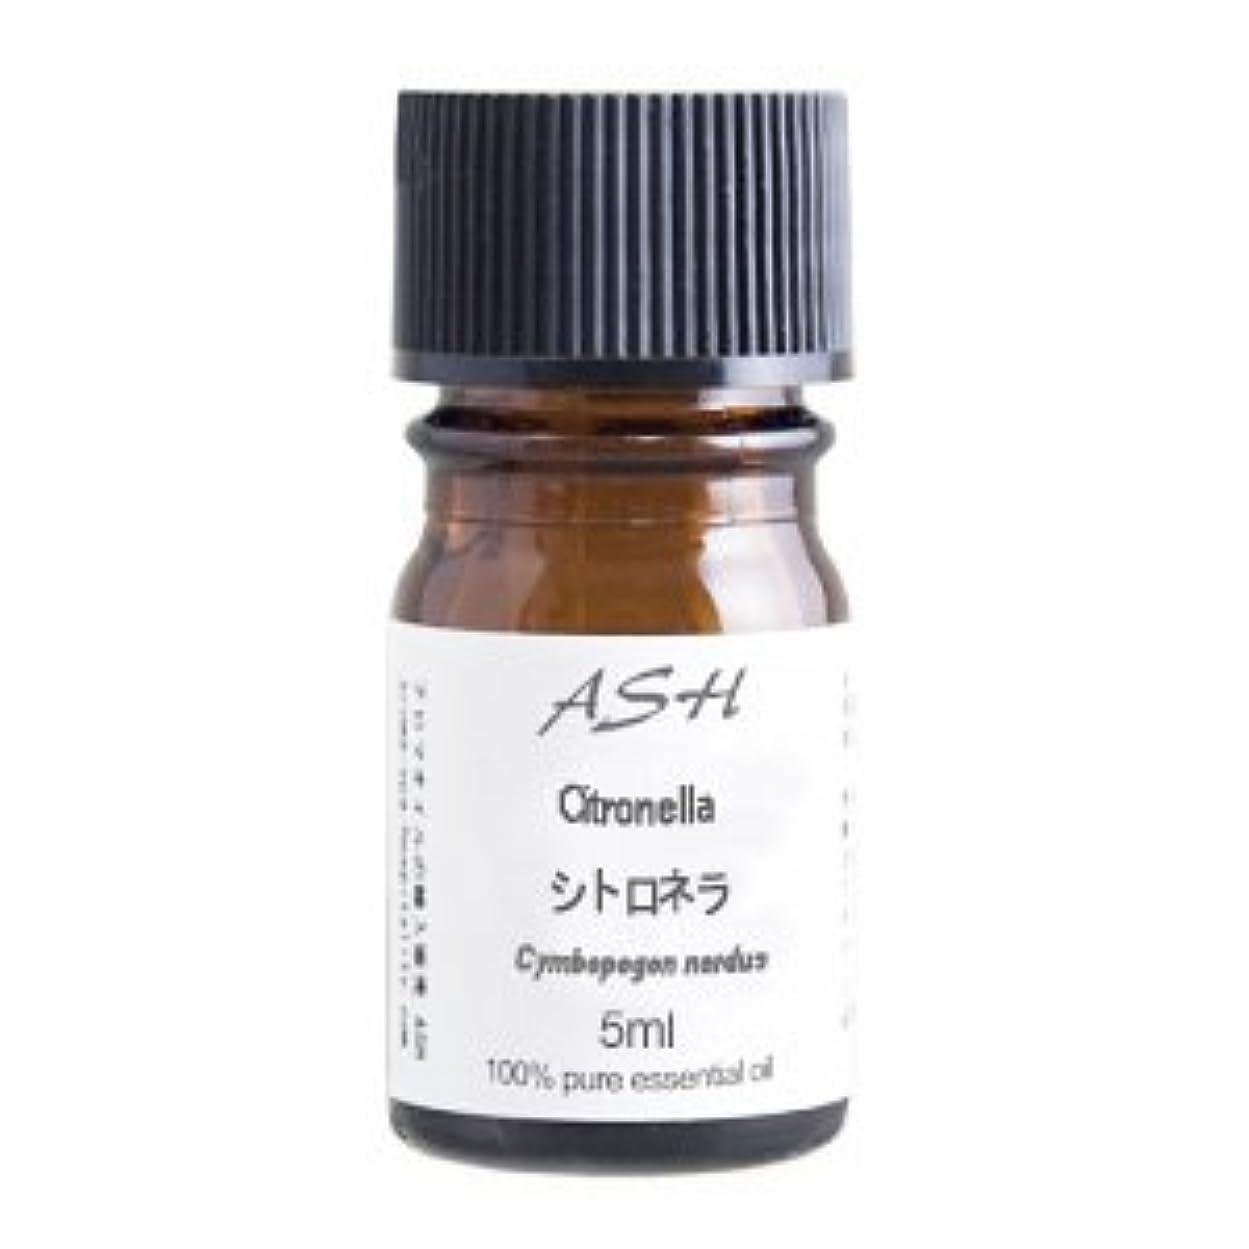 必要条件するネーピアASH シトロネラ エッセンシャルオイル 5ml AEAJ表示基準適合認定精油